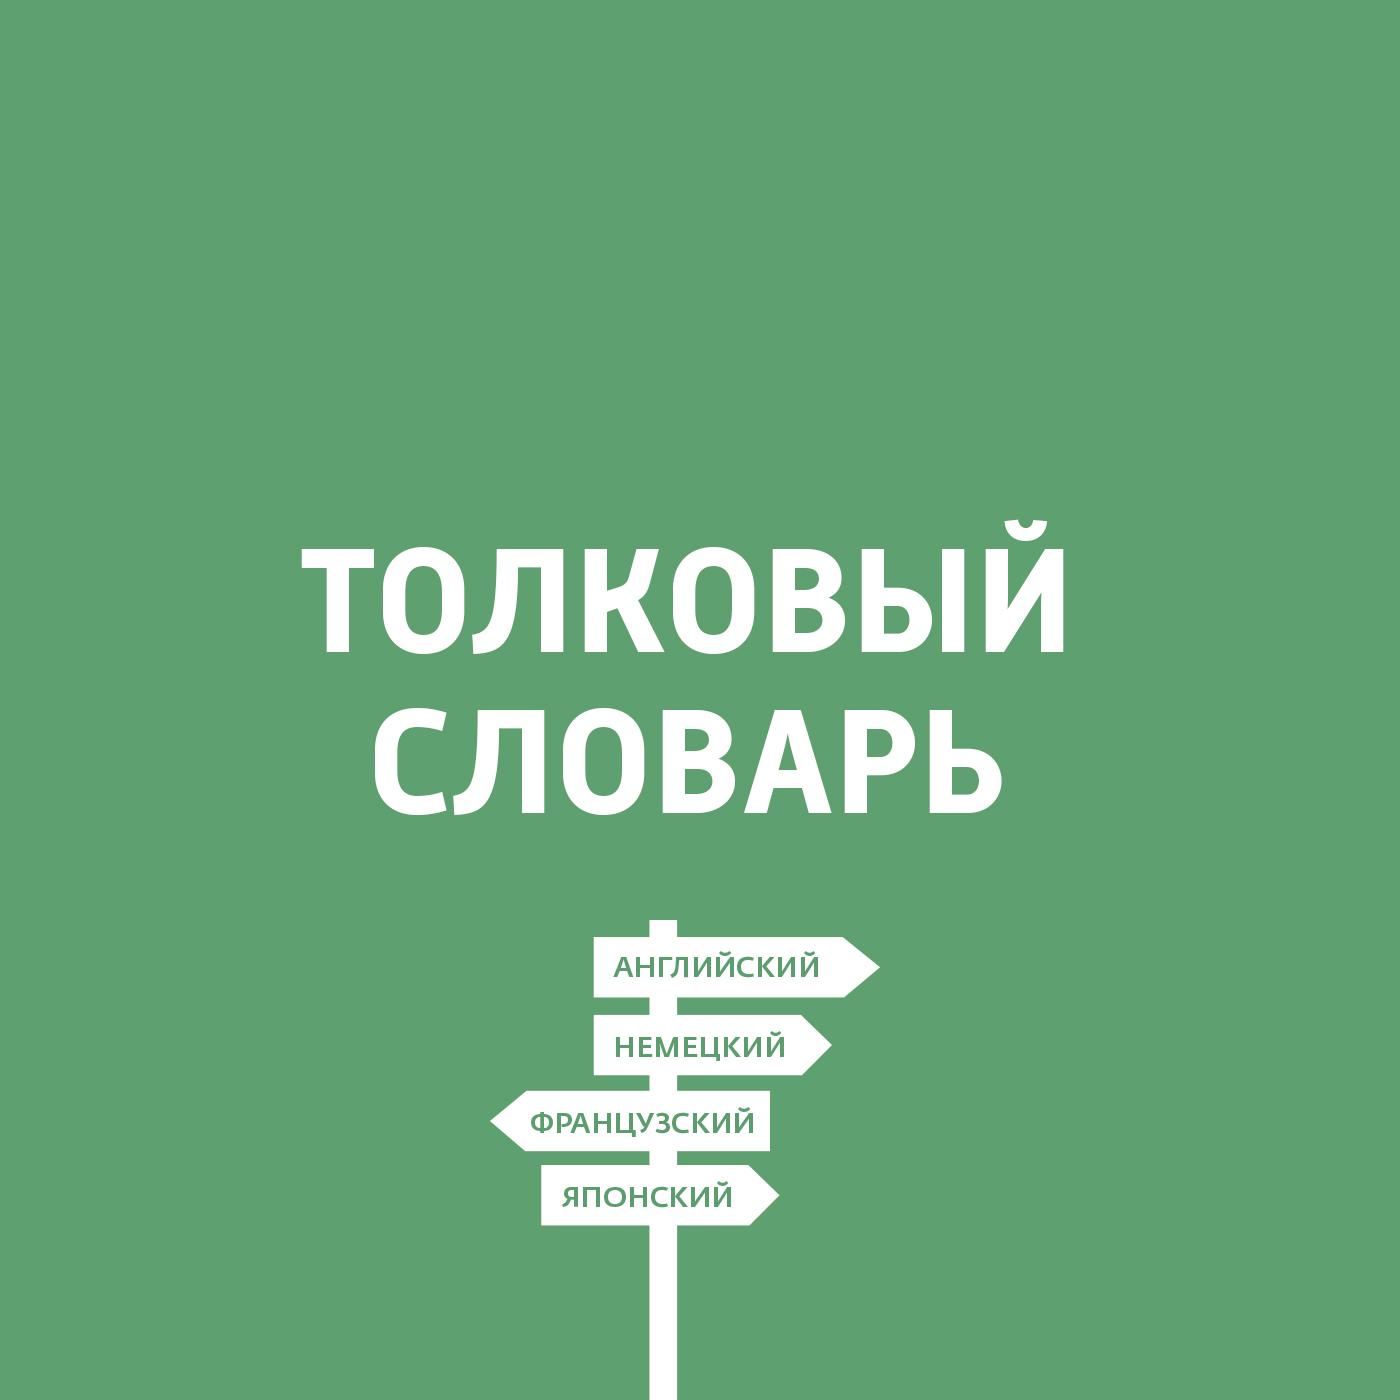 лучшая цена Дмитрий Петров Язык жестов. Почему мы не понимаем друг друга?